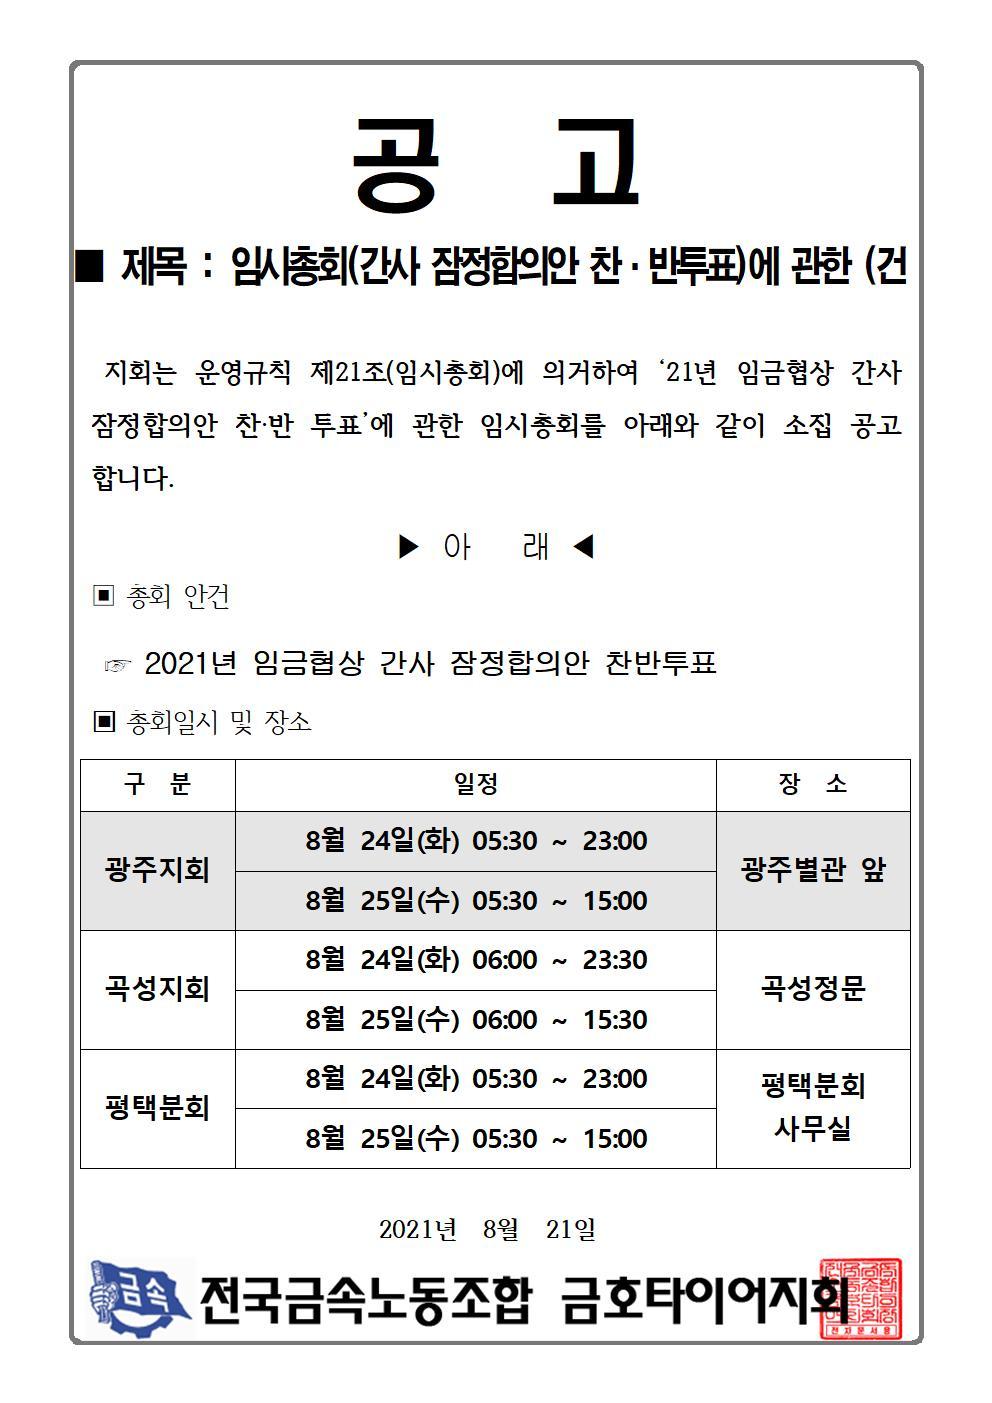 21년 임금협상 총회001.jpg